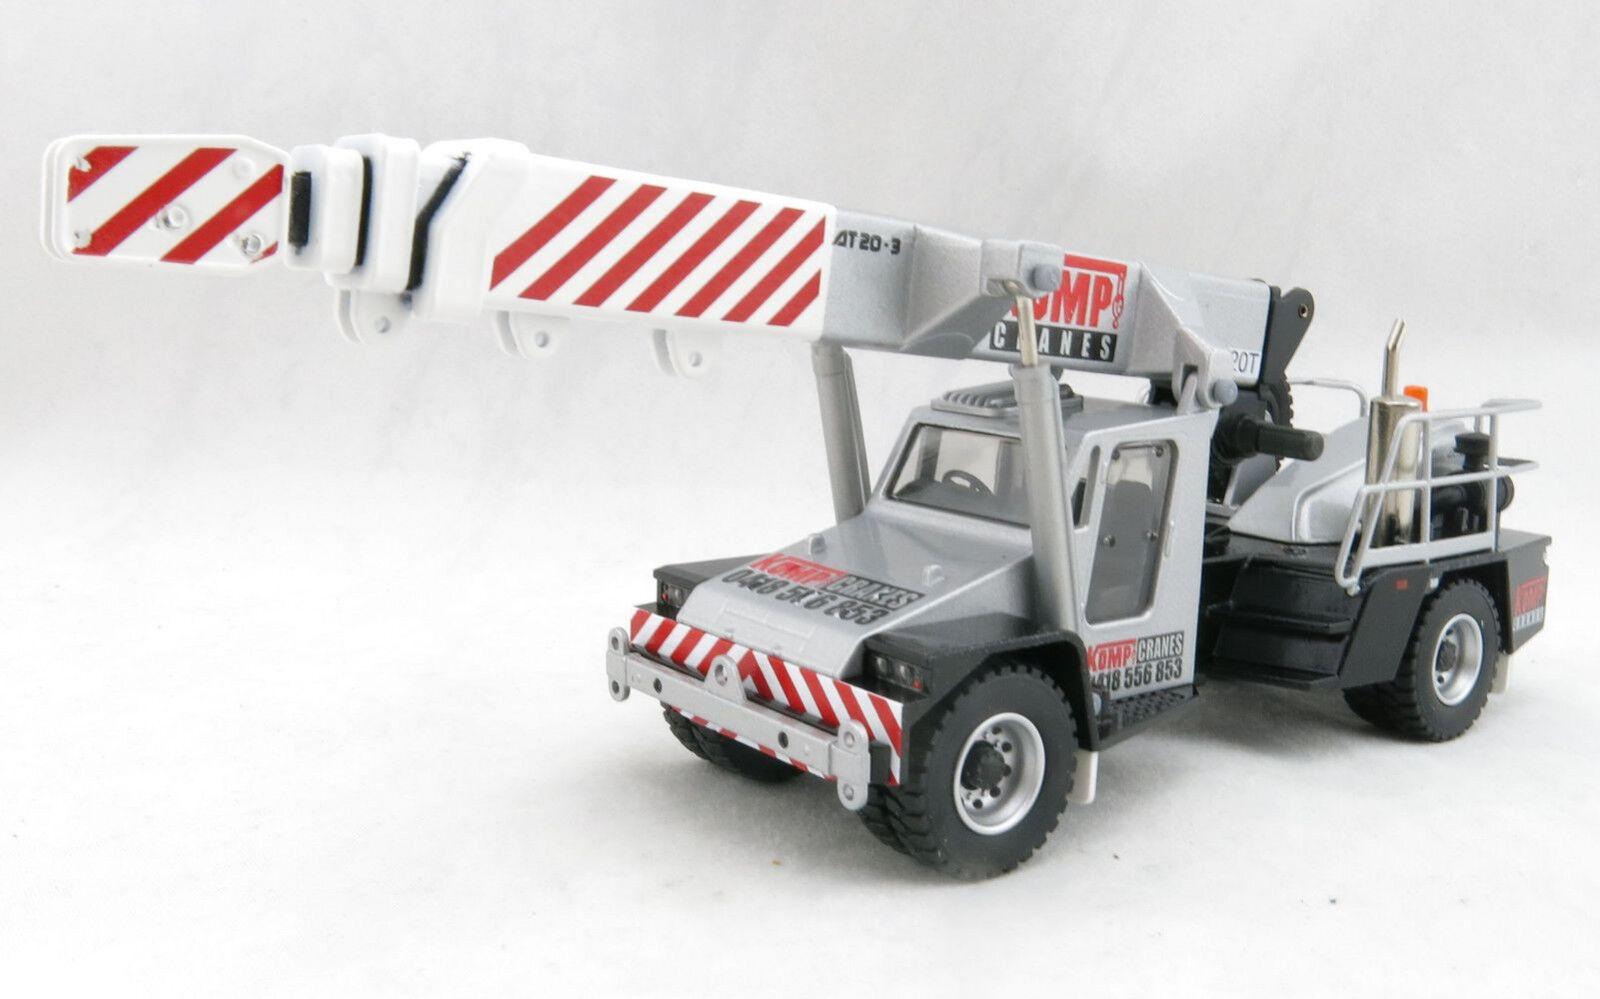 Conrad 2113 10 Australian Terex AT20-3 Franna Mobile Crane KOMP Cranes VIC 1 50